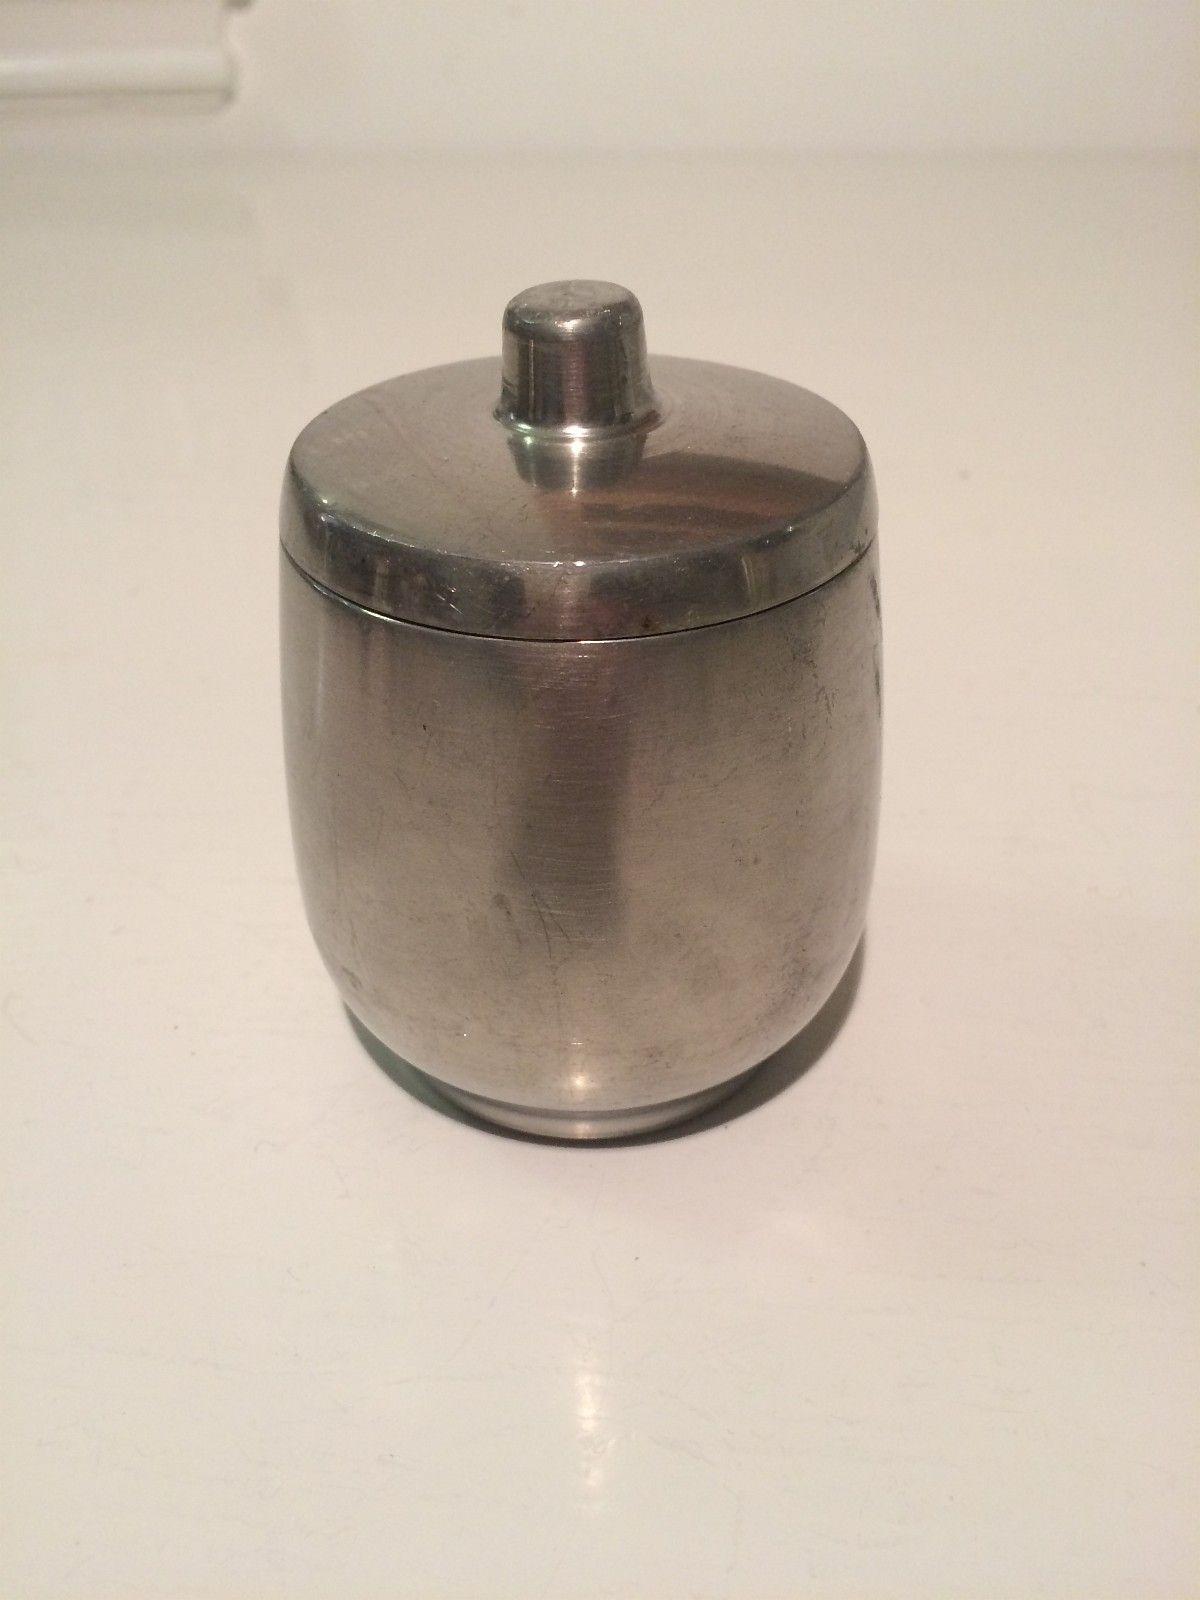 """Enkel liten boks i tinn - Lillesand  - Merket """"Pewter Norway, B (bilde av ei måke) M, 685/1 Diameter 7 cm Høyde 9 cm  Sender gjerne  Se mine nadre annonser! - Lillesand"""